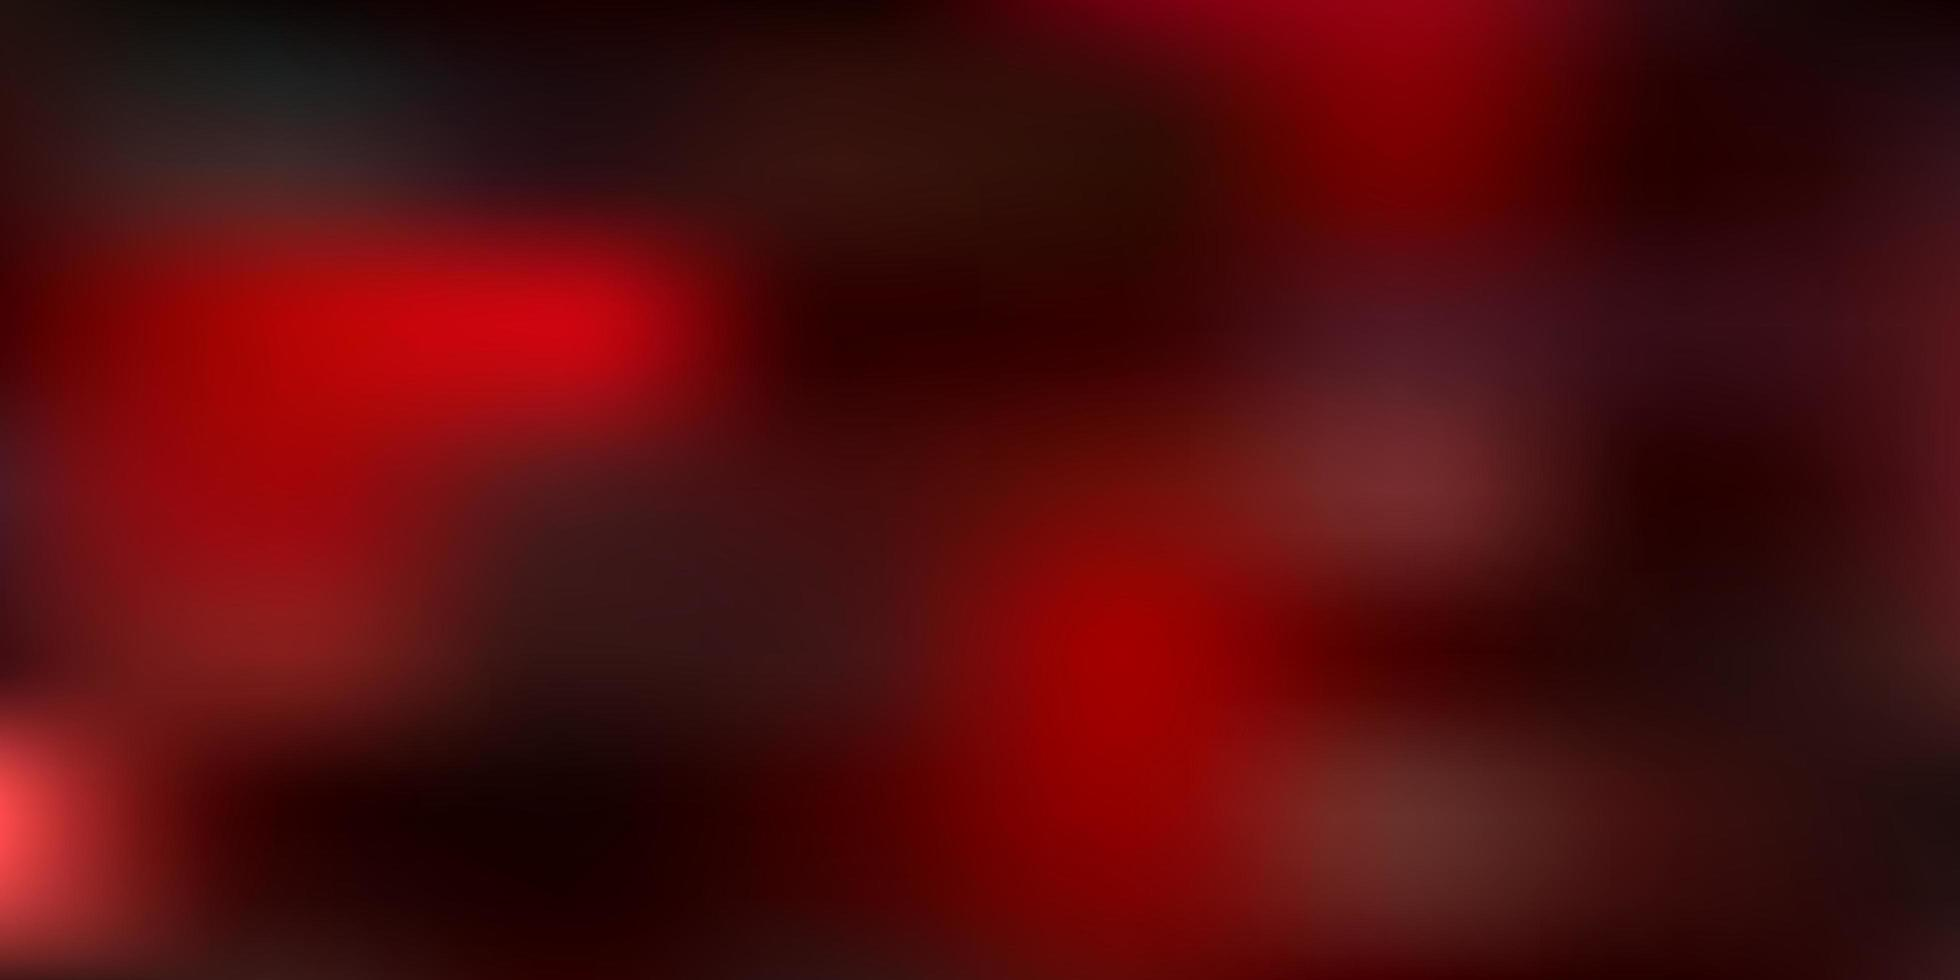 modelo de desfoque de vetor vermelho escuro.